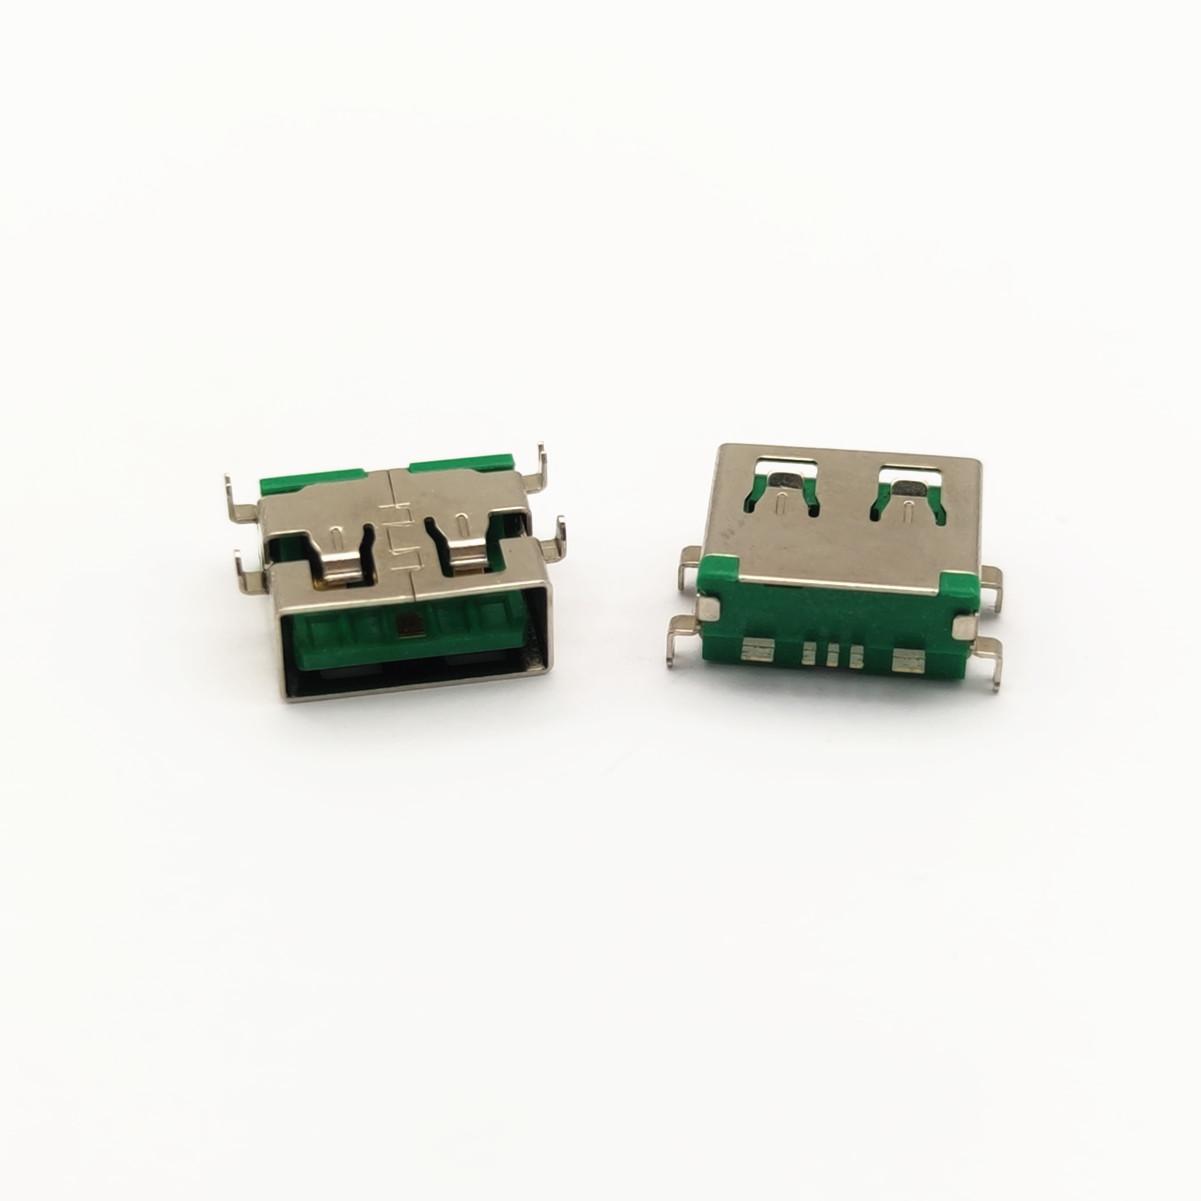 USB母座 5p 沉板式 四脚插板 直边 大电流 绿胶